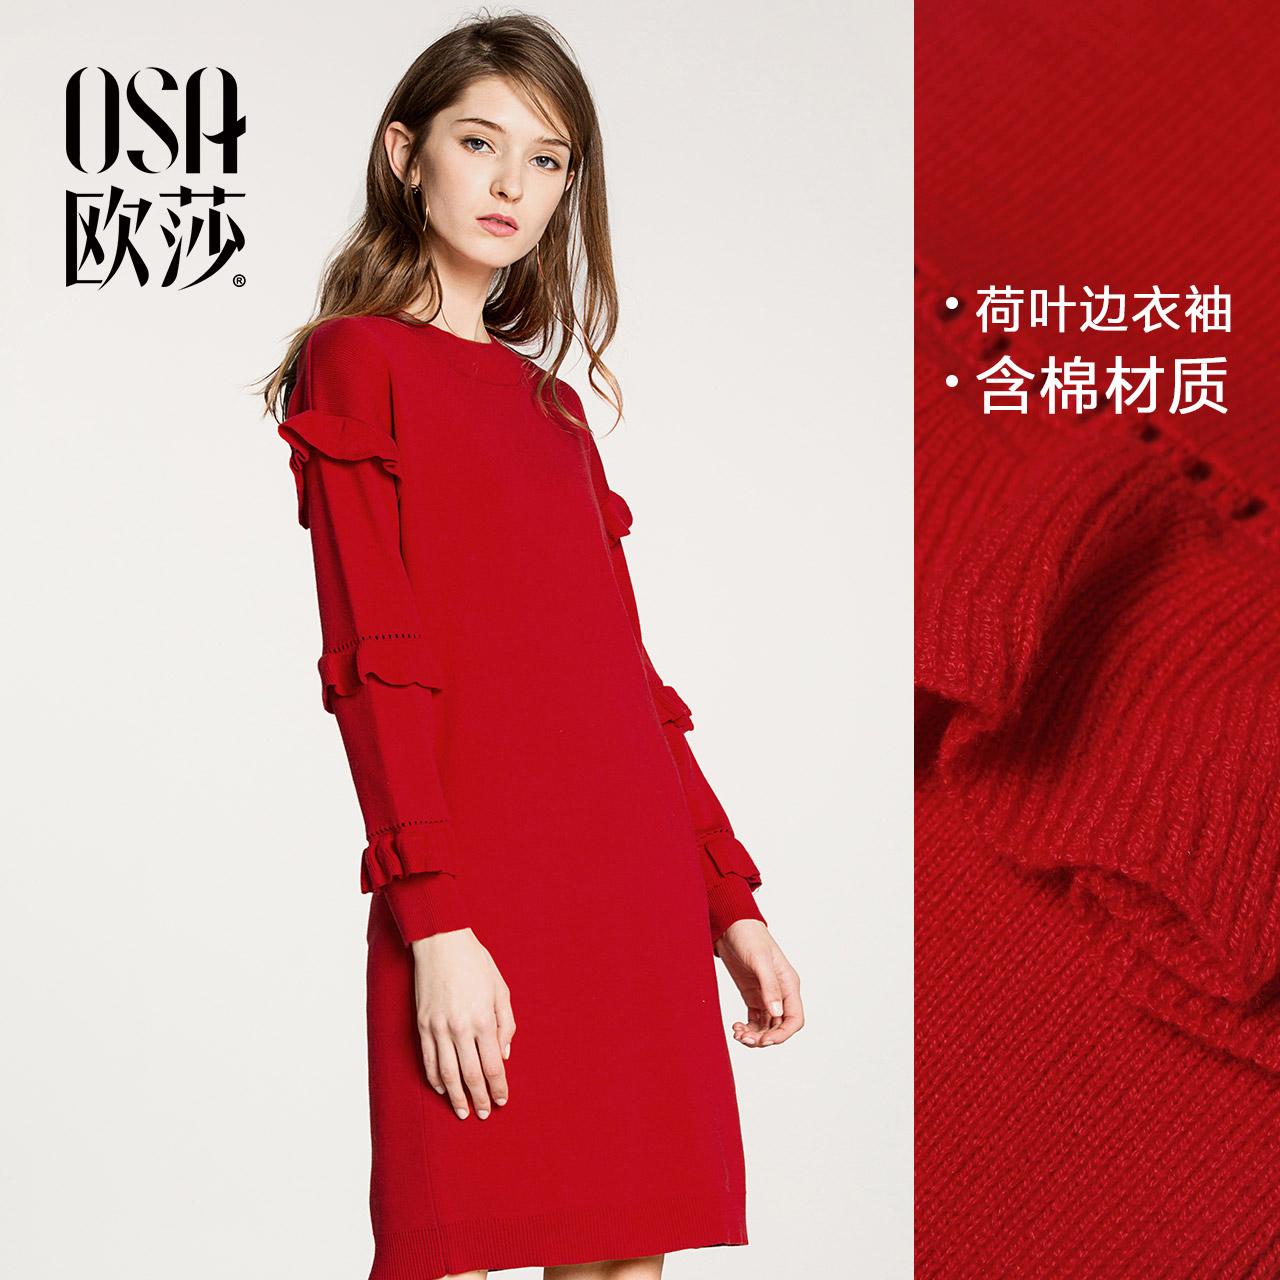 OSA欧莎2017冬装中长款花瓣袖红色圆领修身长袖镂空针织连衣裙